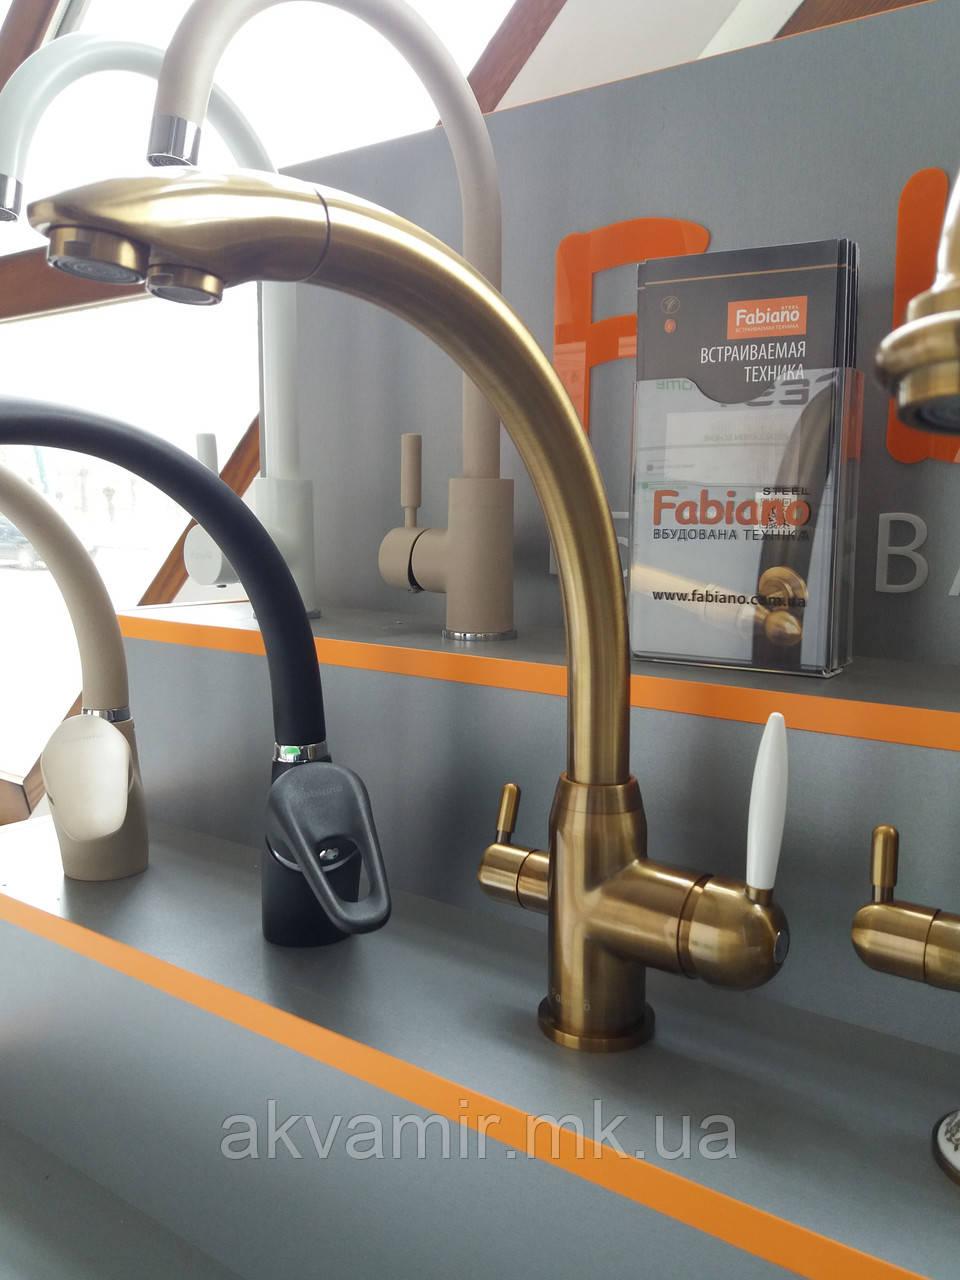 Смеситель для кухни Fabiano FKM 31.2 Brass-Antique (античная латунь) с подключением к фильтру